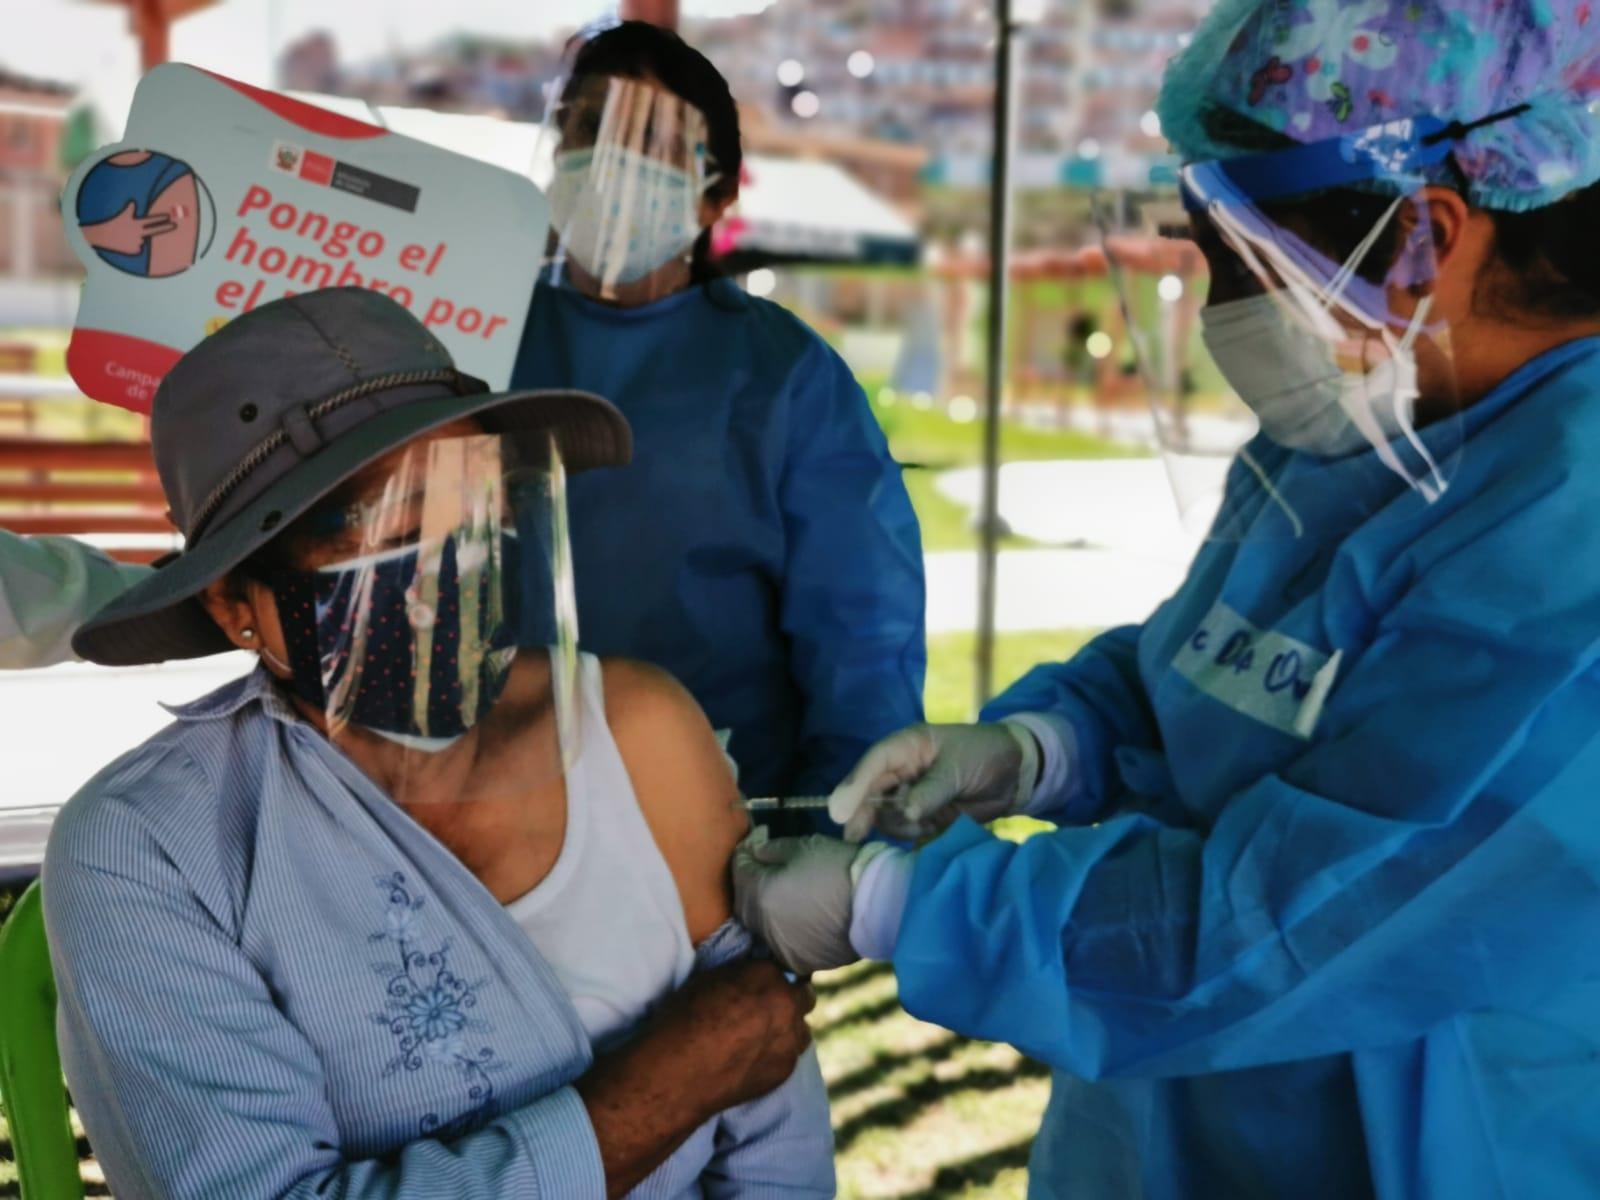 ¡¡¡ATENCIÓN!!! Suspenden vacunación de rezagados de 50 a 59 años que estaba programada para este lunes